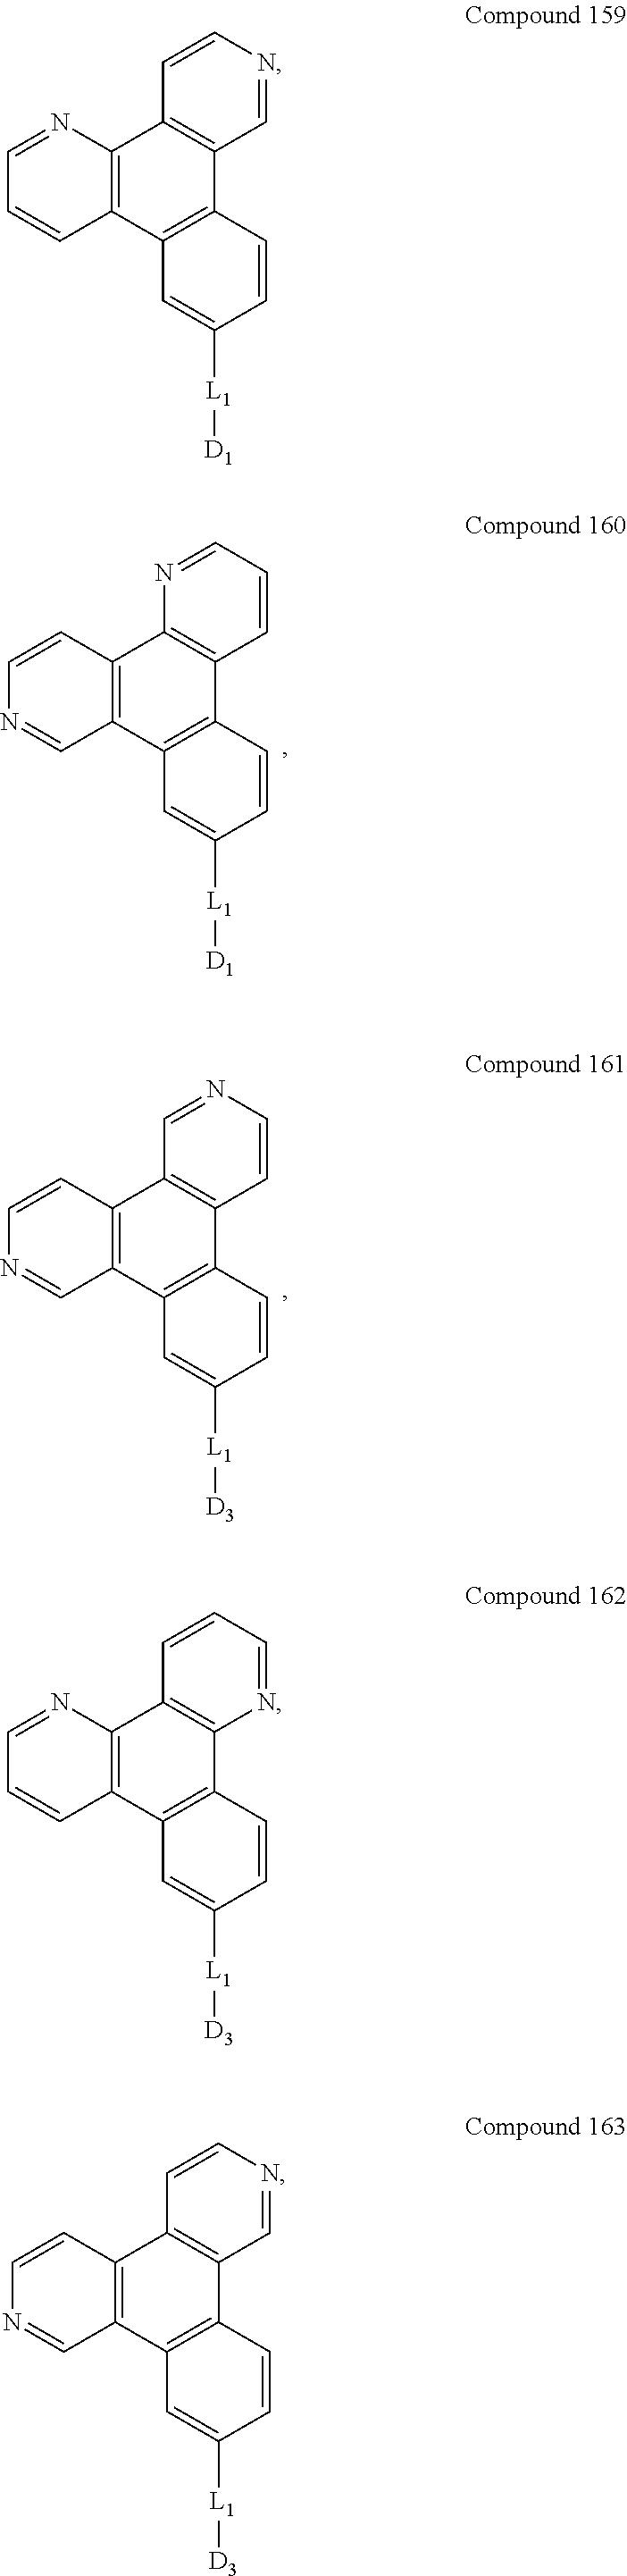 Figure US09537106-20170103-C00076